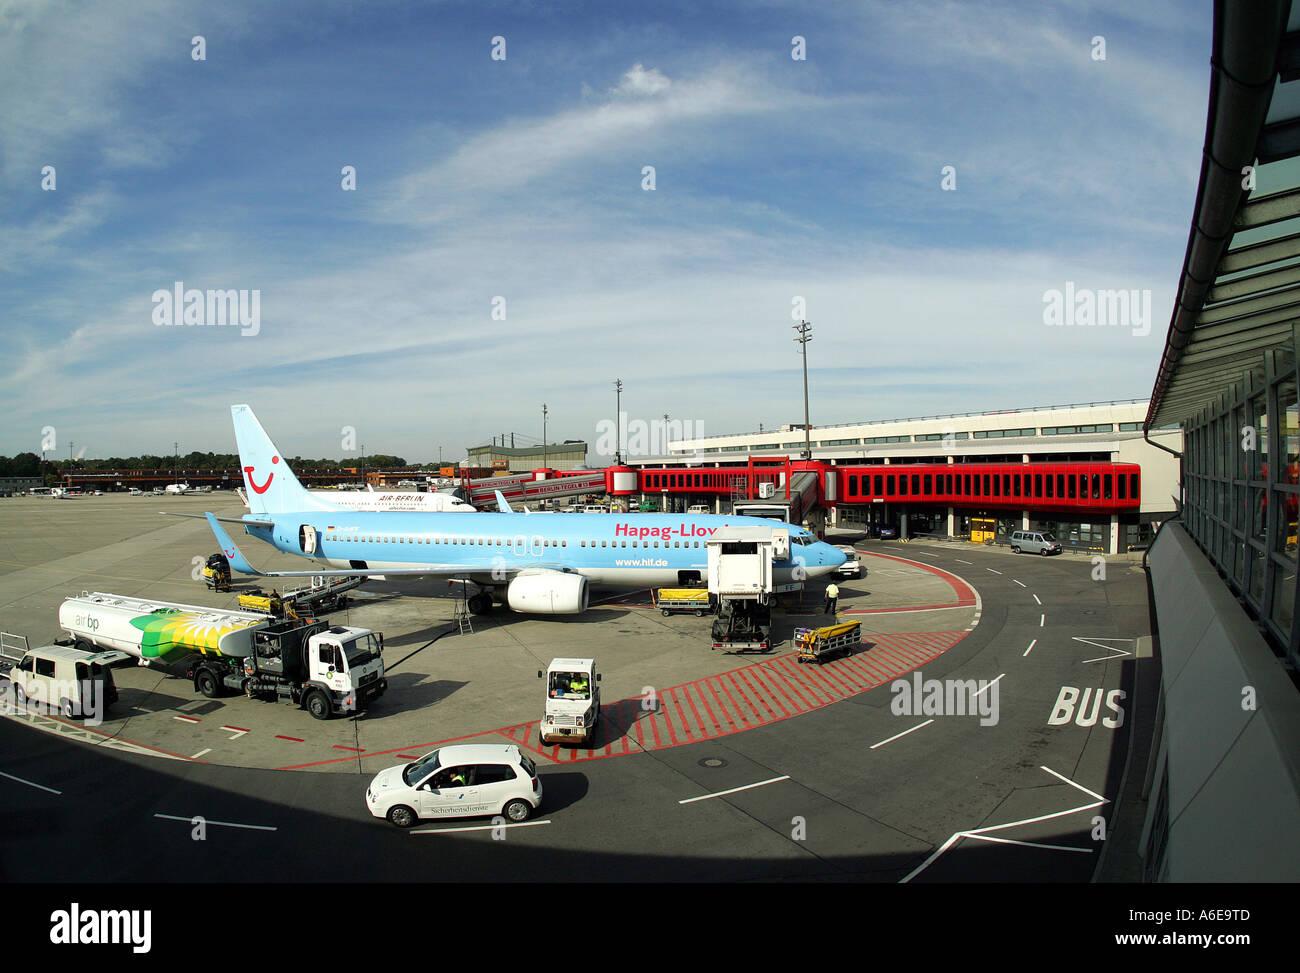 Hapag Lloyd airplane at Tegel airport, Berlin - Stock Image